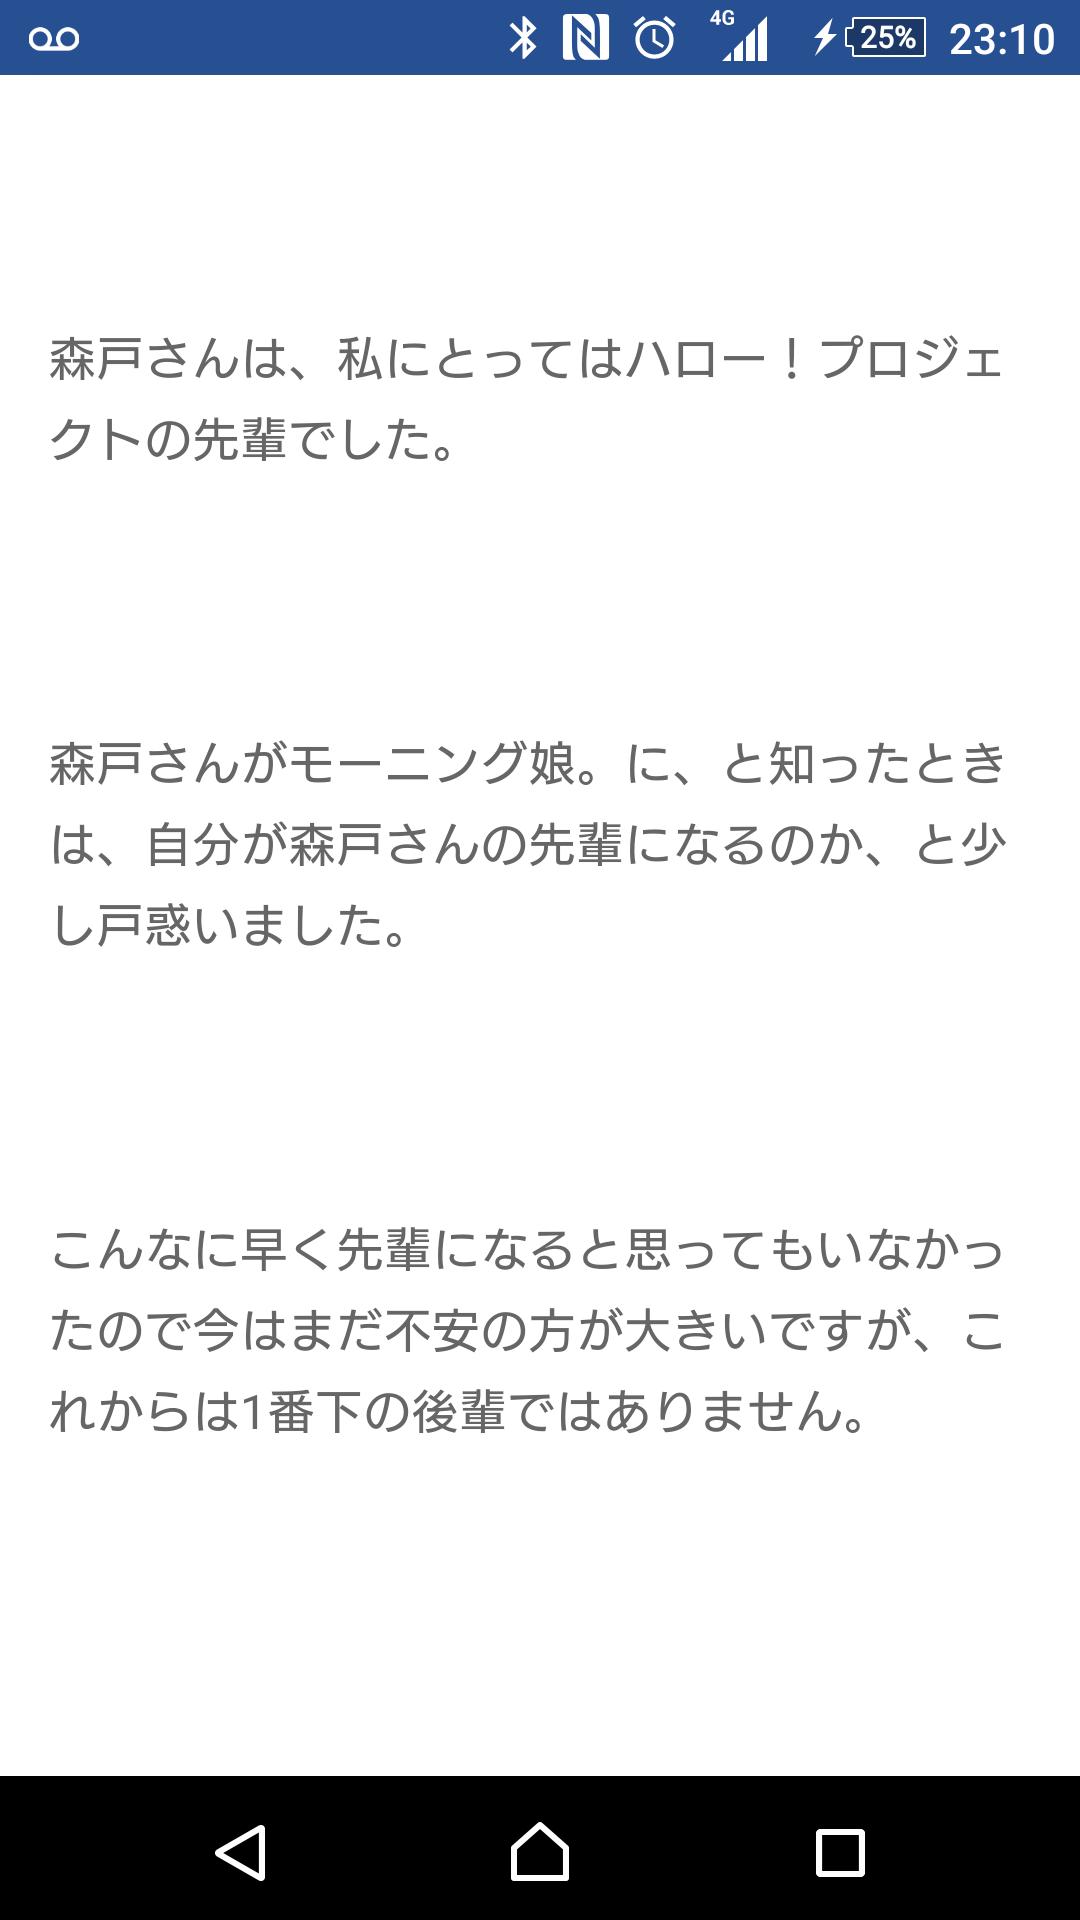 ハロプロ新体制発表!森戸知沙希がモー娘兼任 新グループも7月お披露目